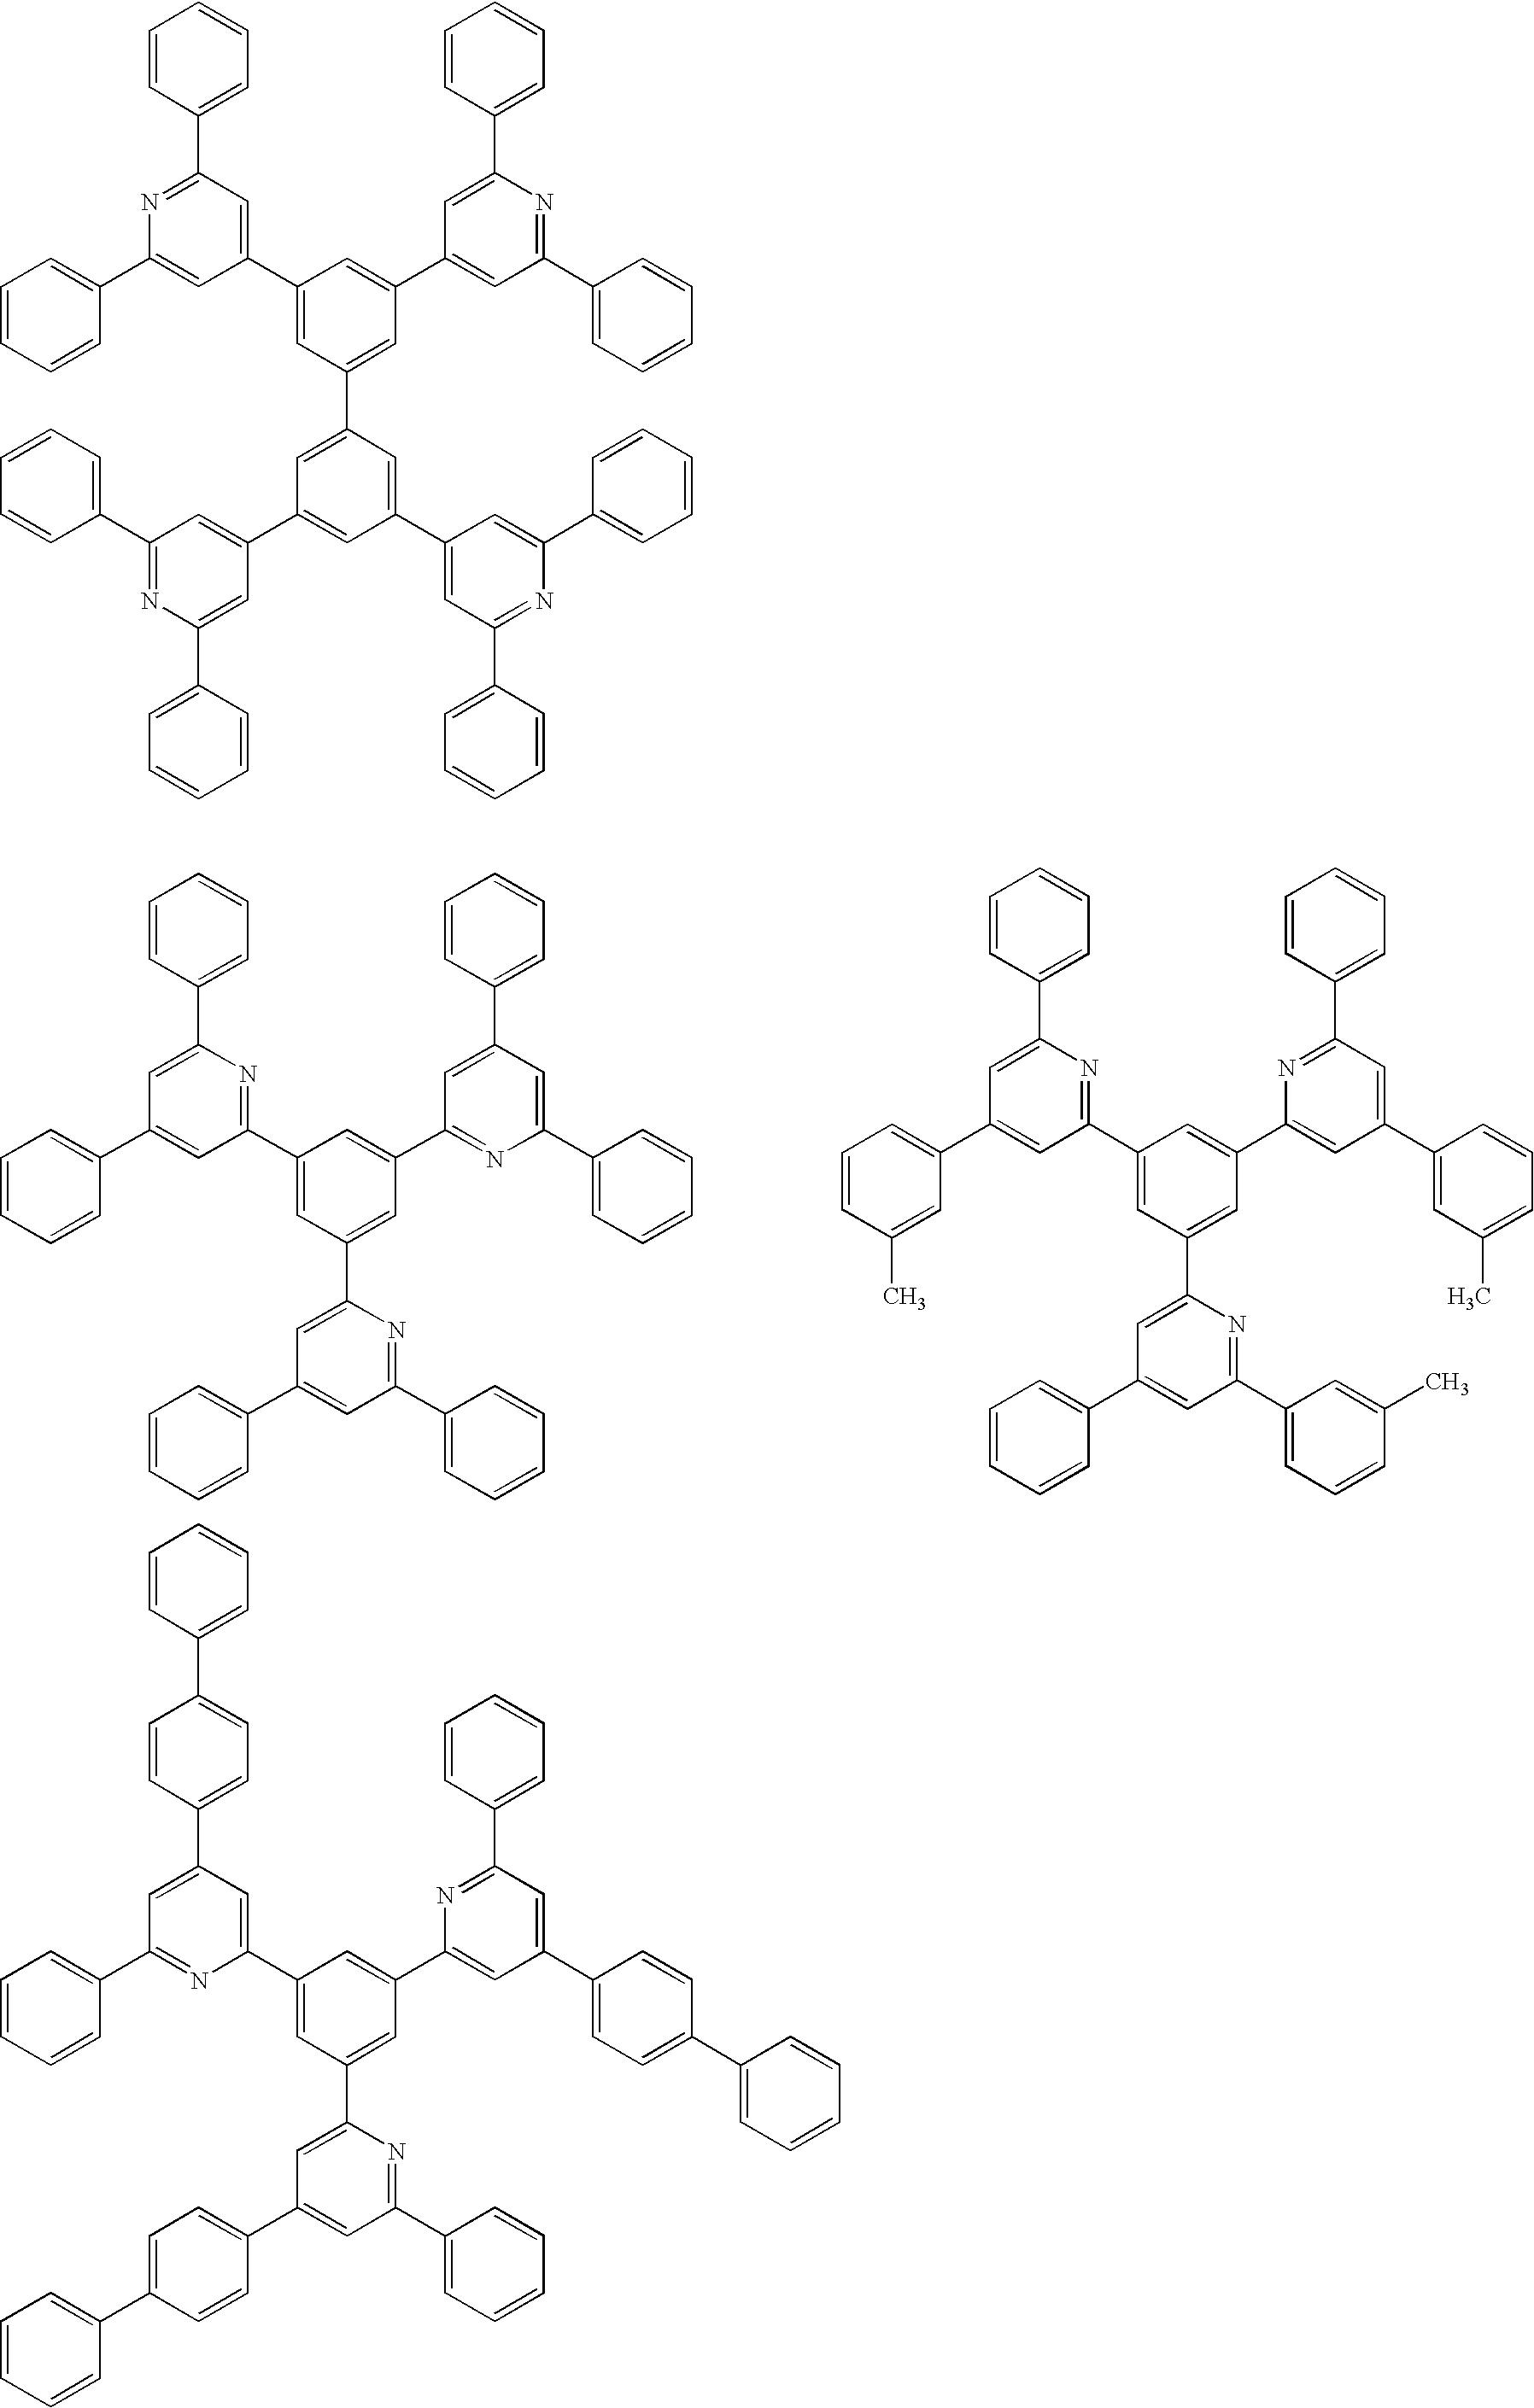 Figure US20060186796A1-20060824-C00118